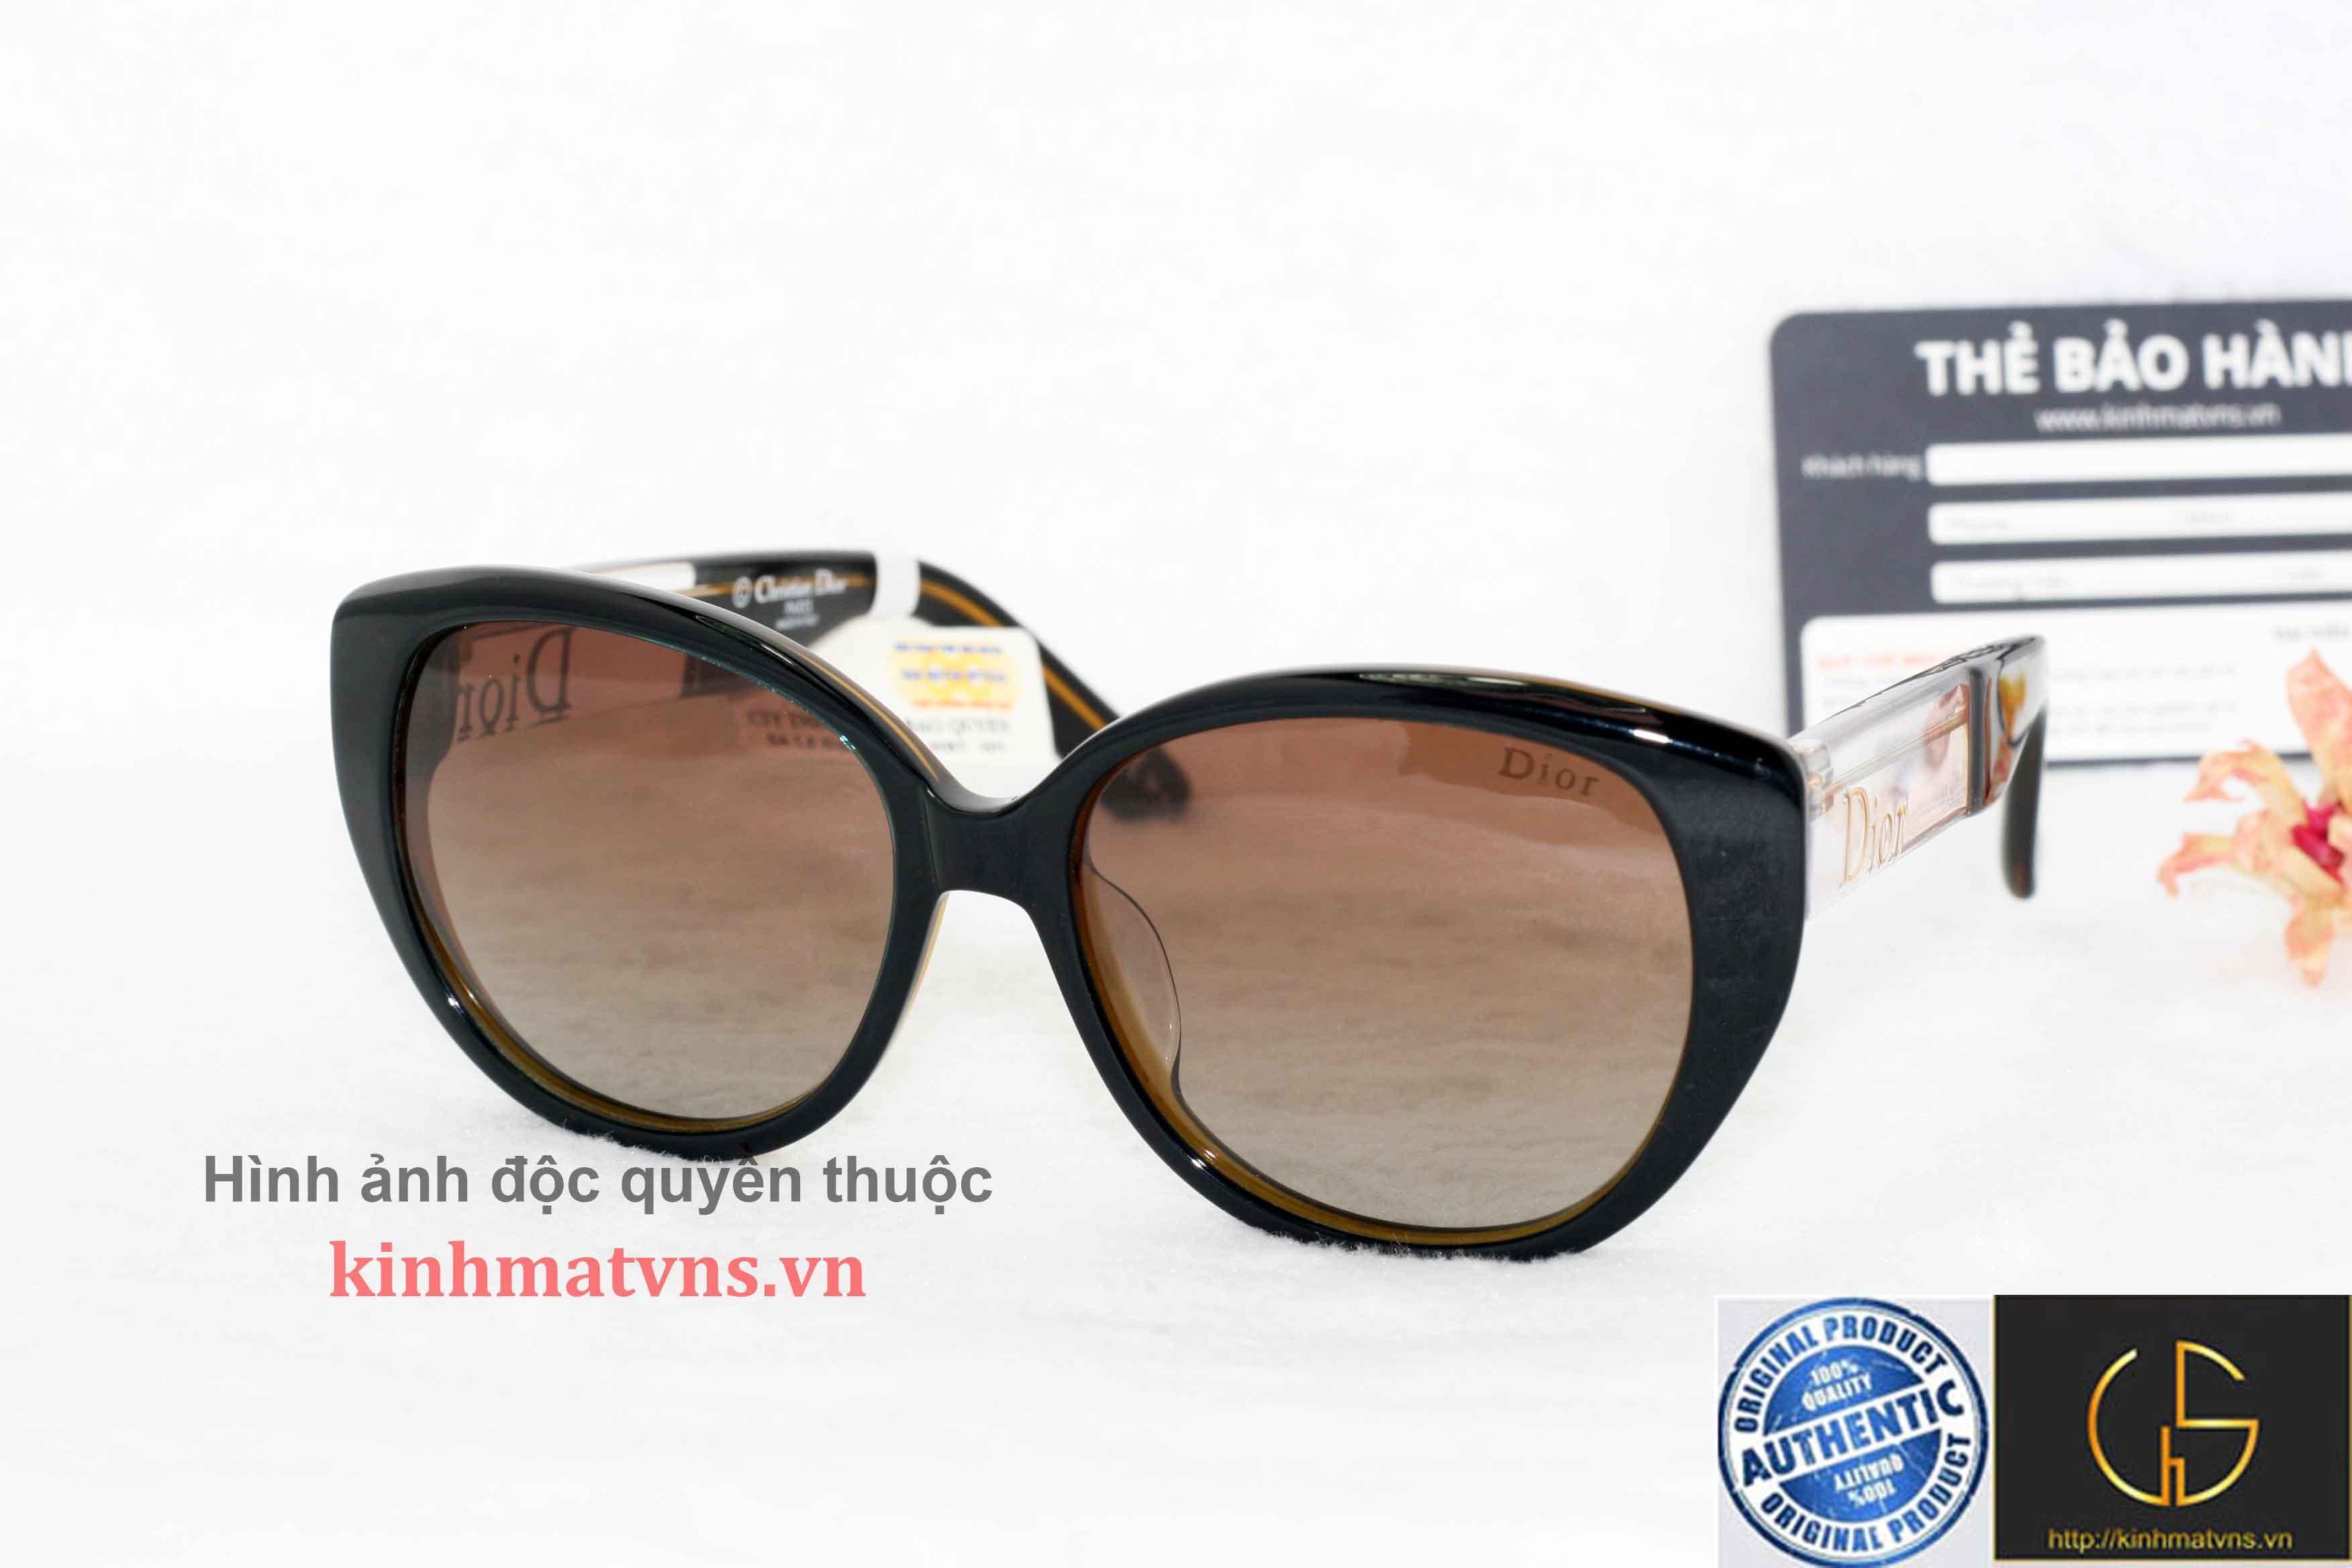 Dior-Mystere2